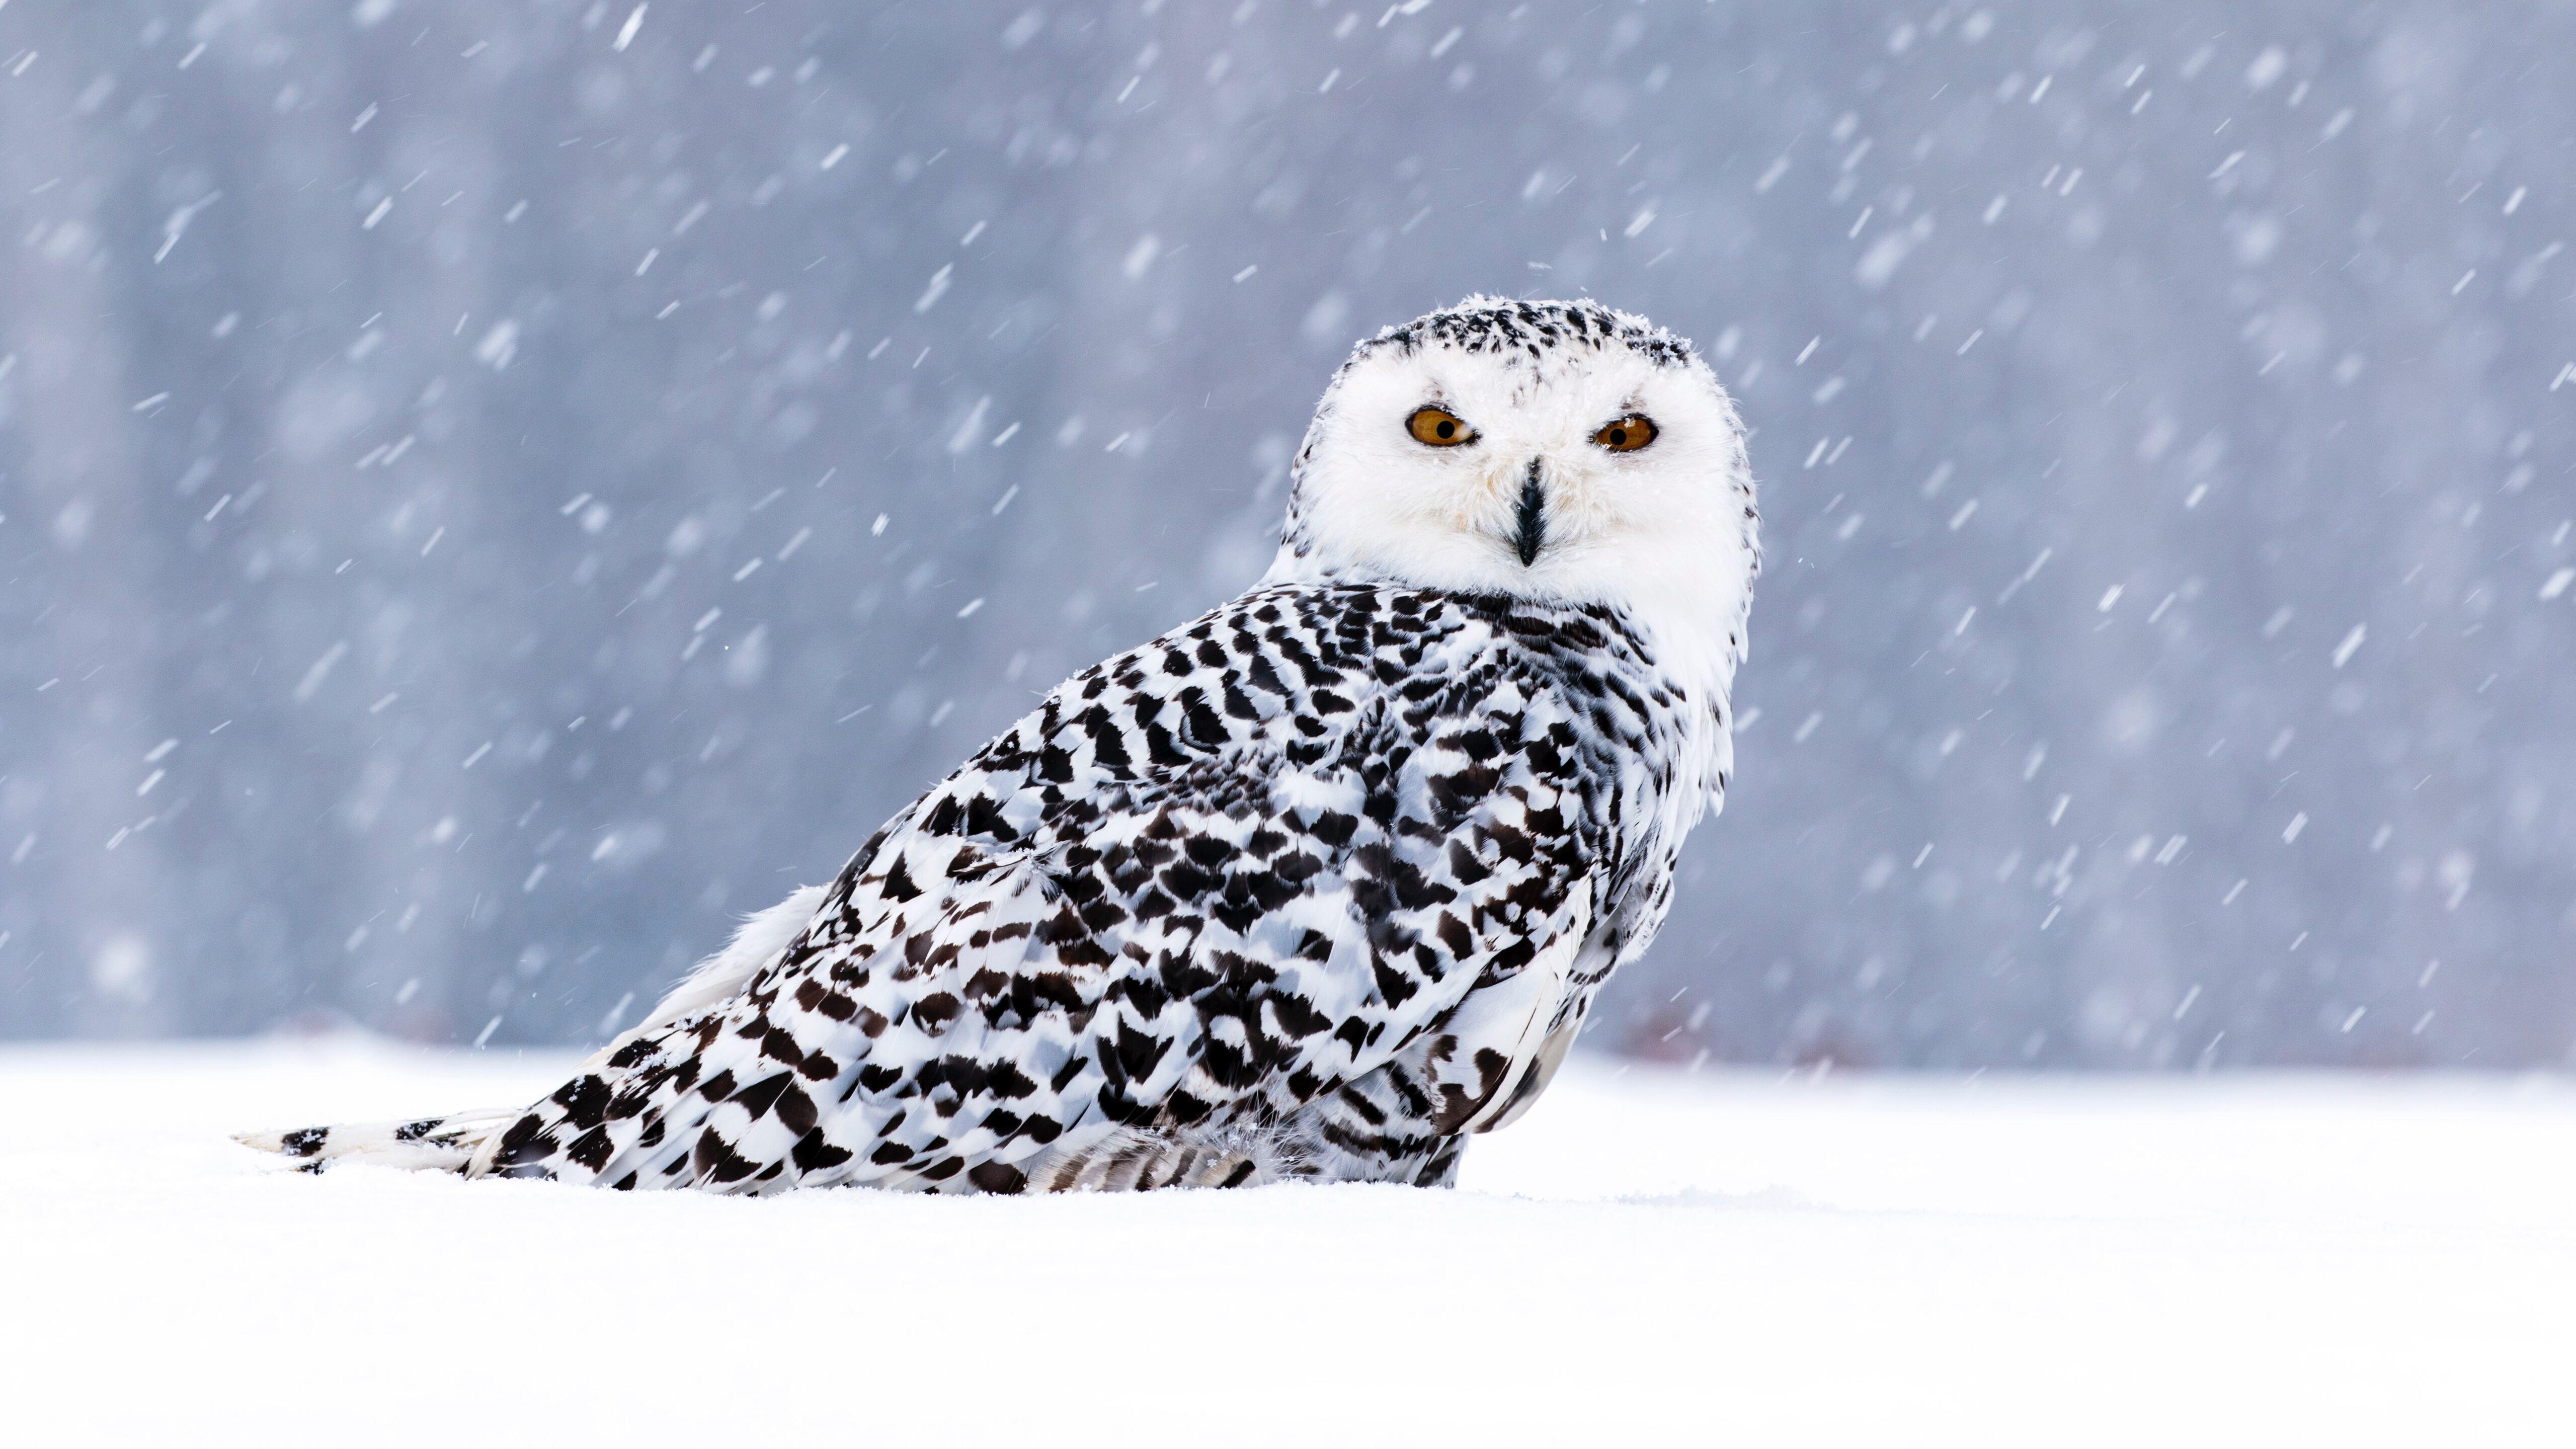 white-owl-in-snow-5k-c3.jpg